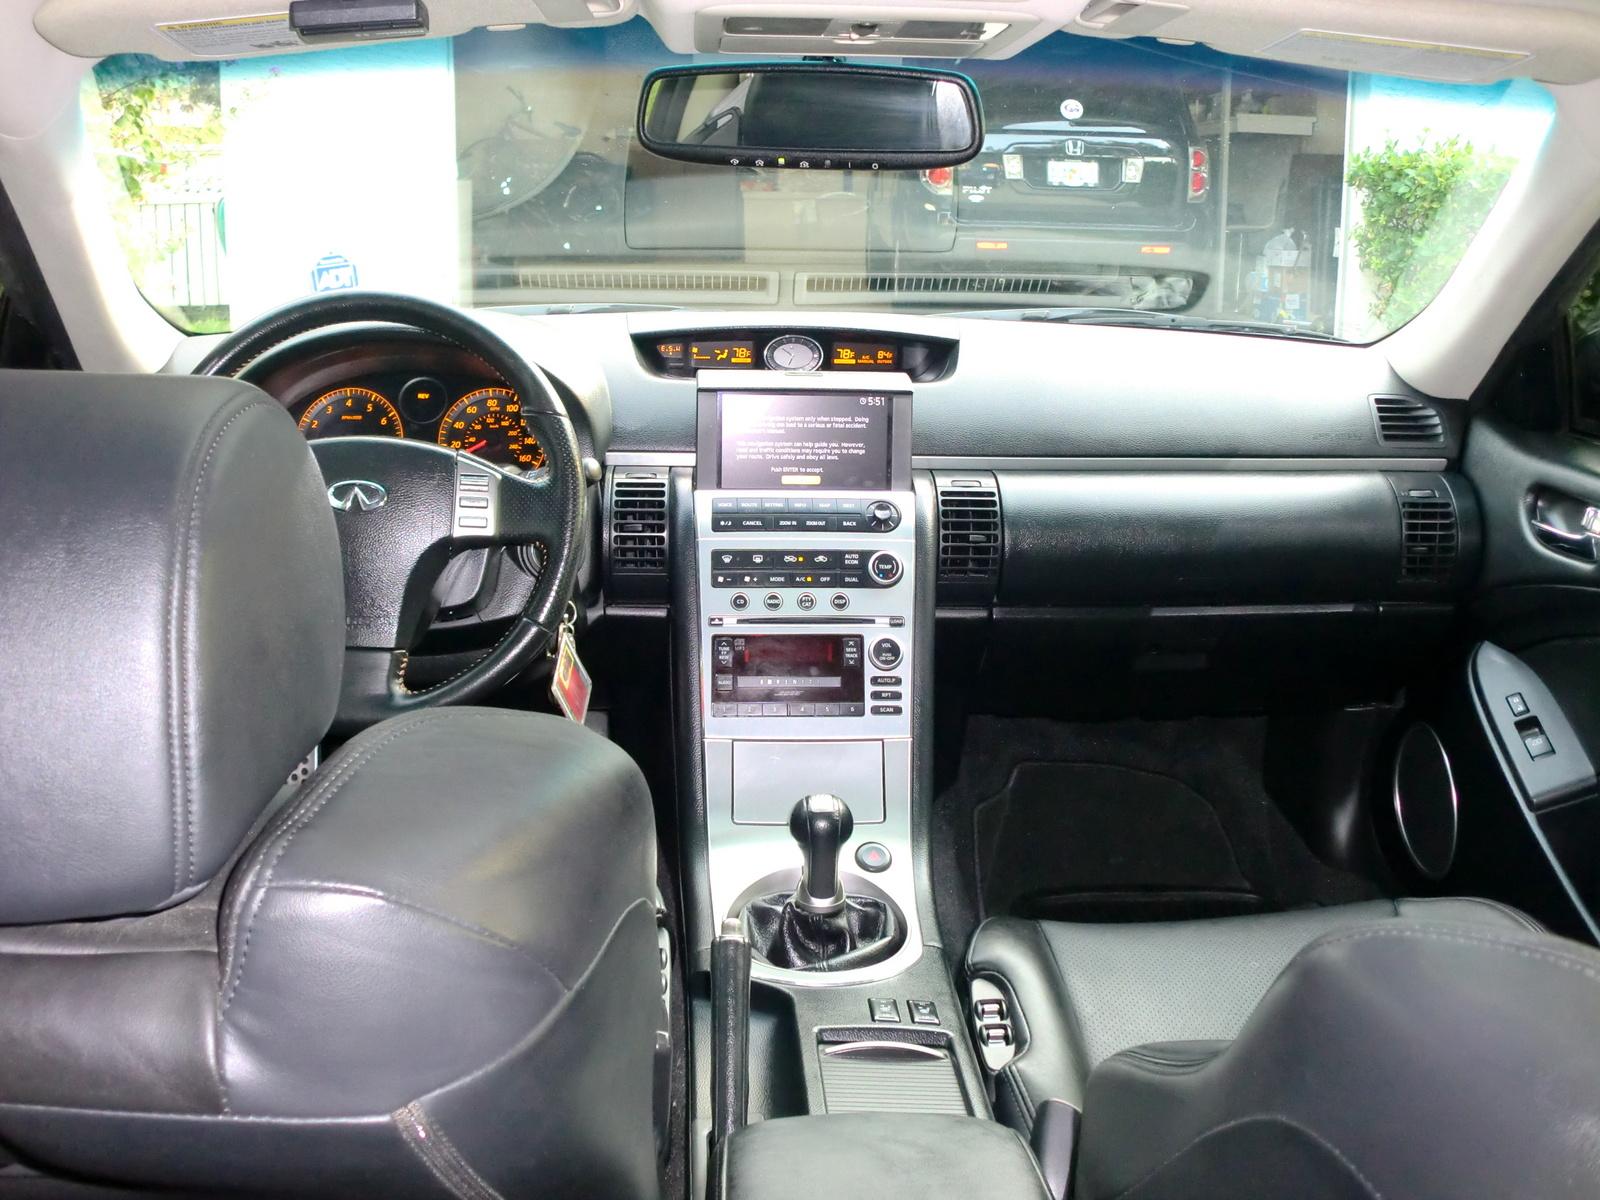 2007 Infiniti G35 Interior Pictures Cargurus